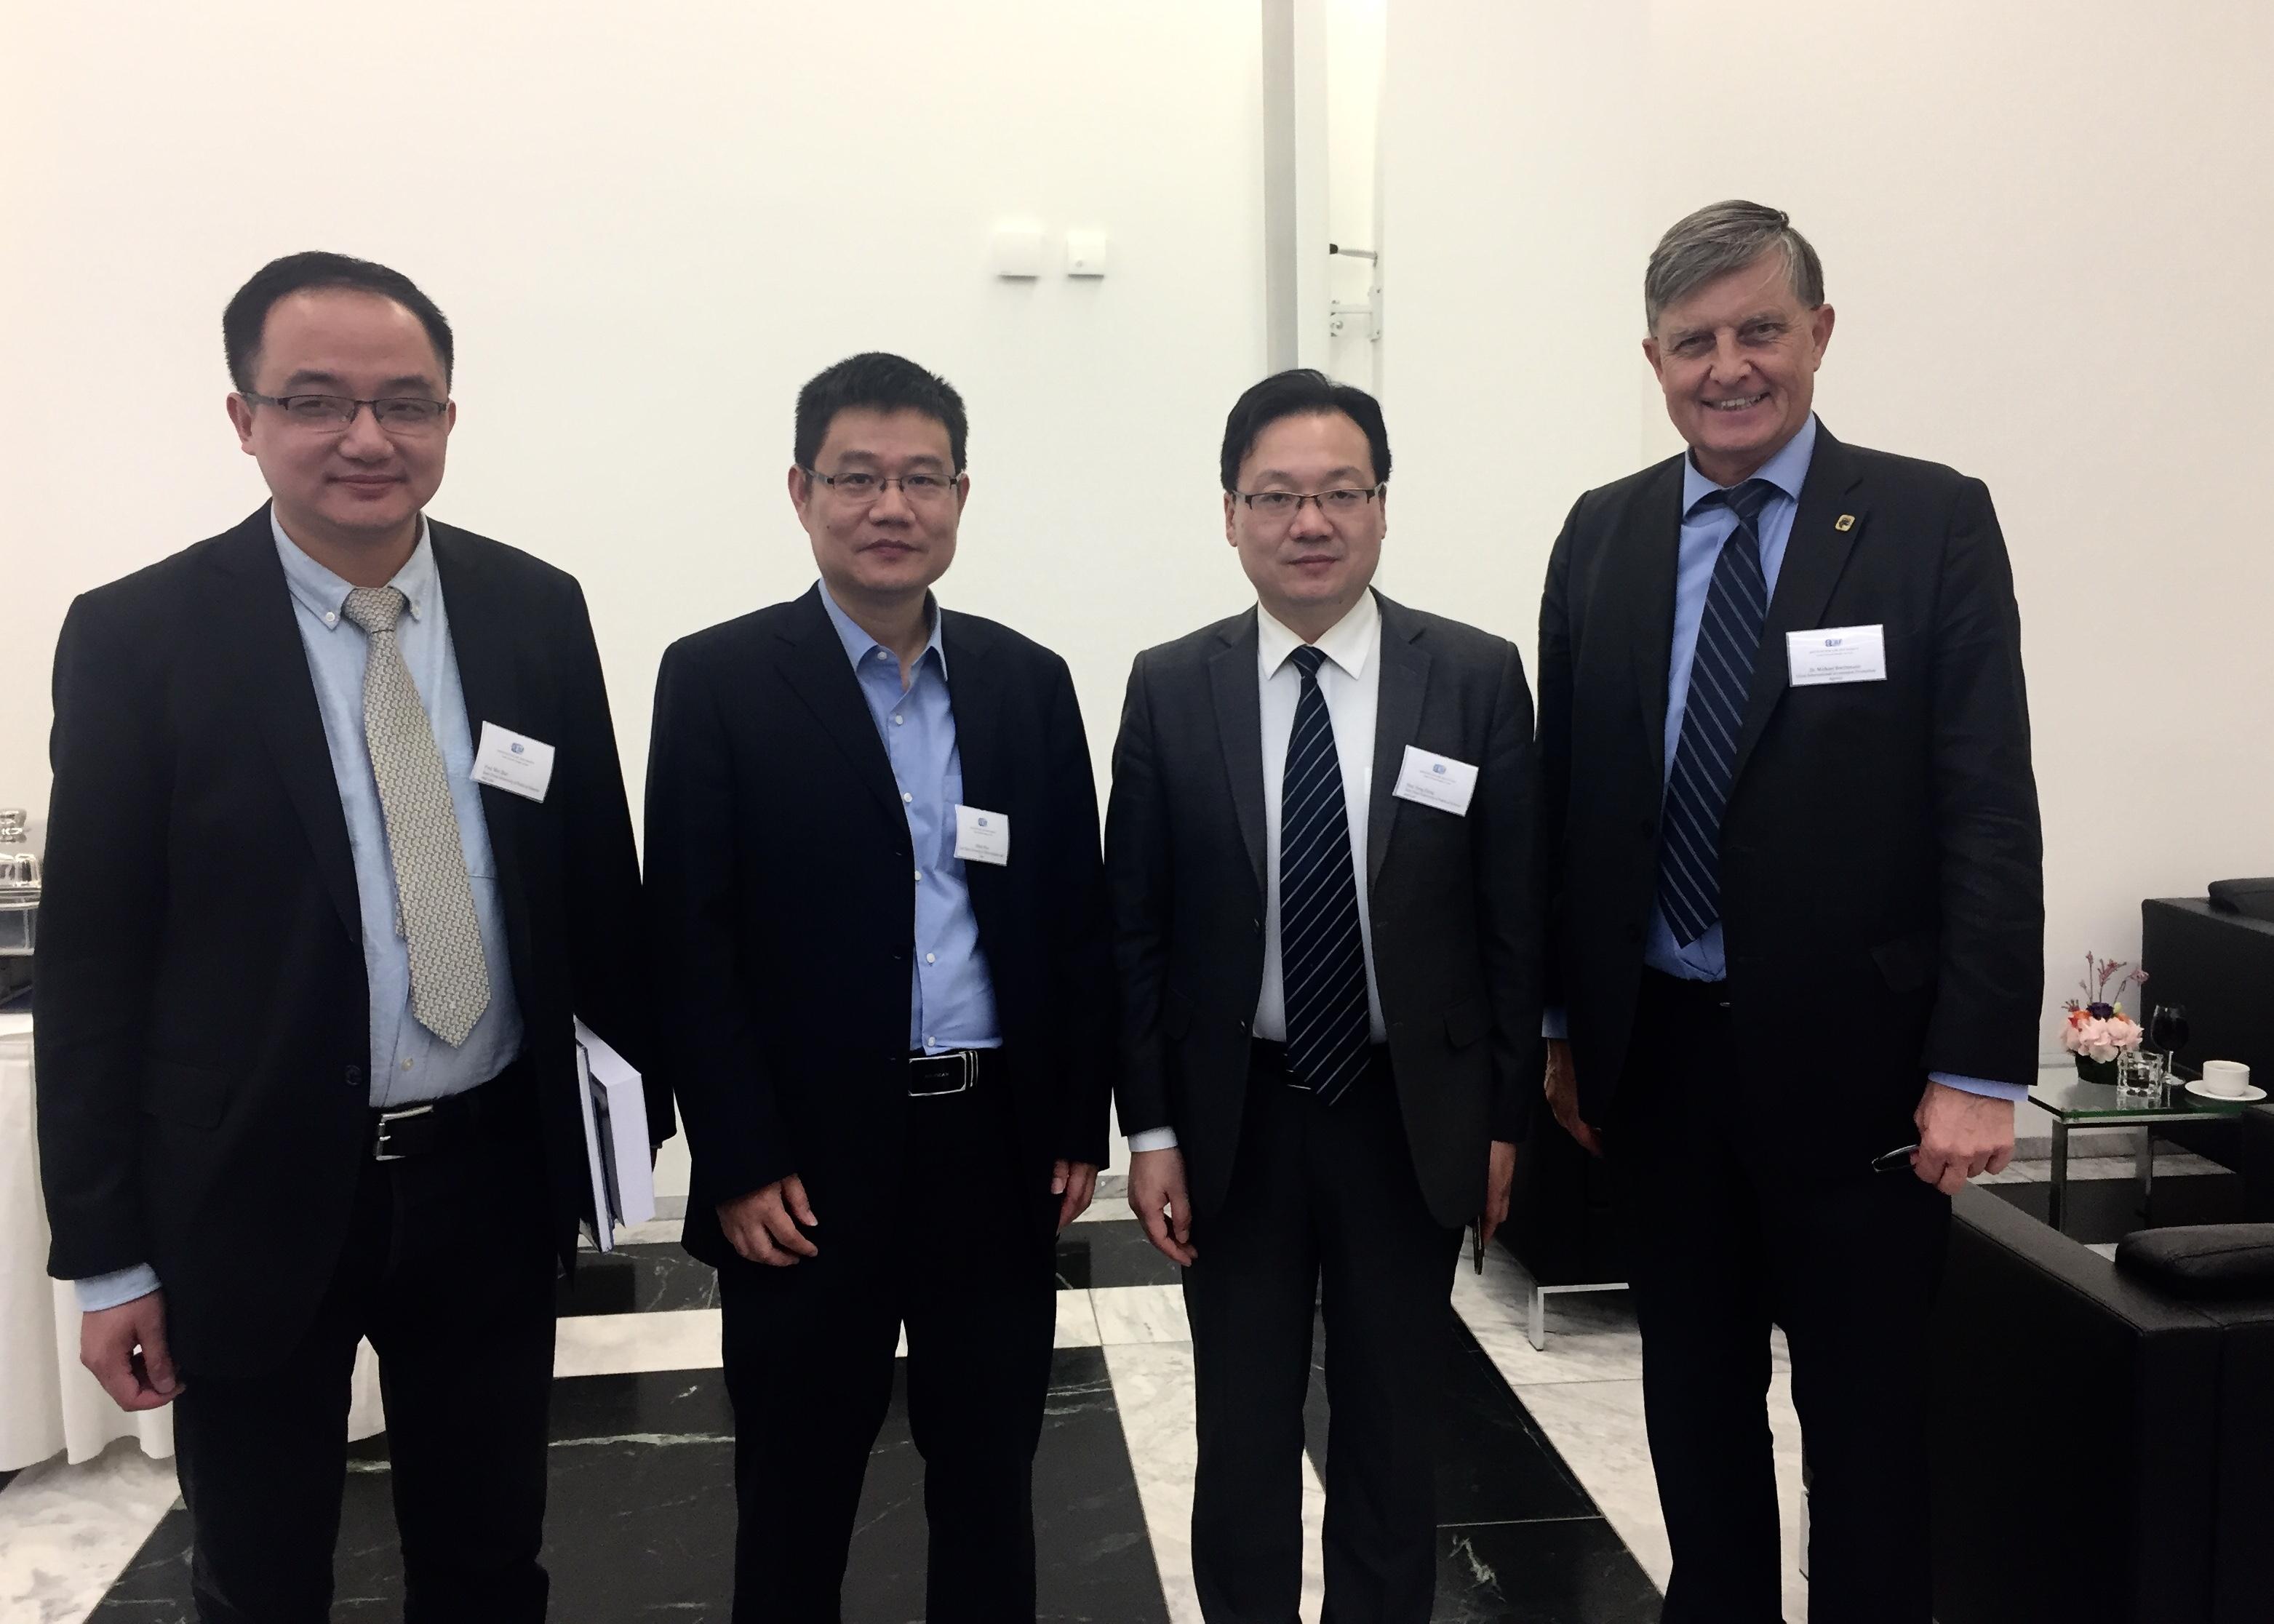 Von der renommierten East China University of Law and Political Sciences (Shanghai) angereist sind die Professoren v.l.n.r. ZHAI Wei, MIAO Zhixin und ZHANG Yong (Vize-Dekan), hier im Gespräch mit Dr. Michael Borchmann (CIIPA)